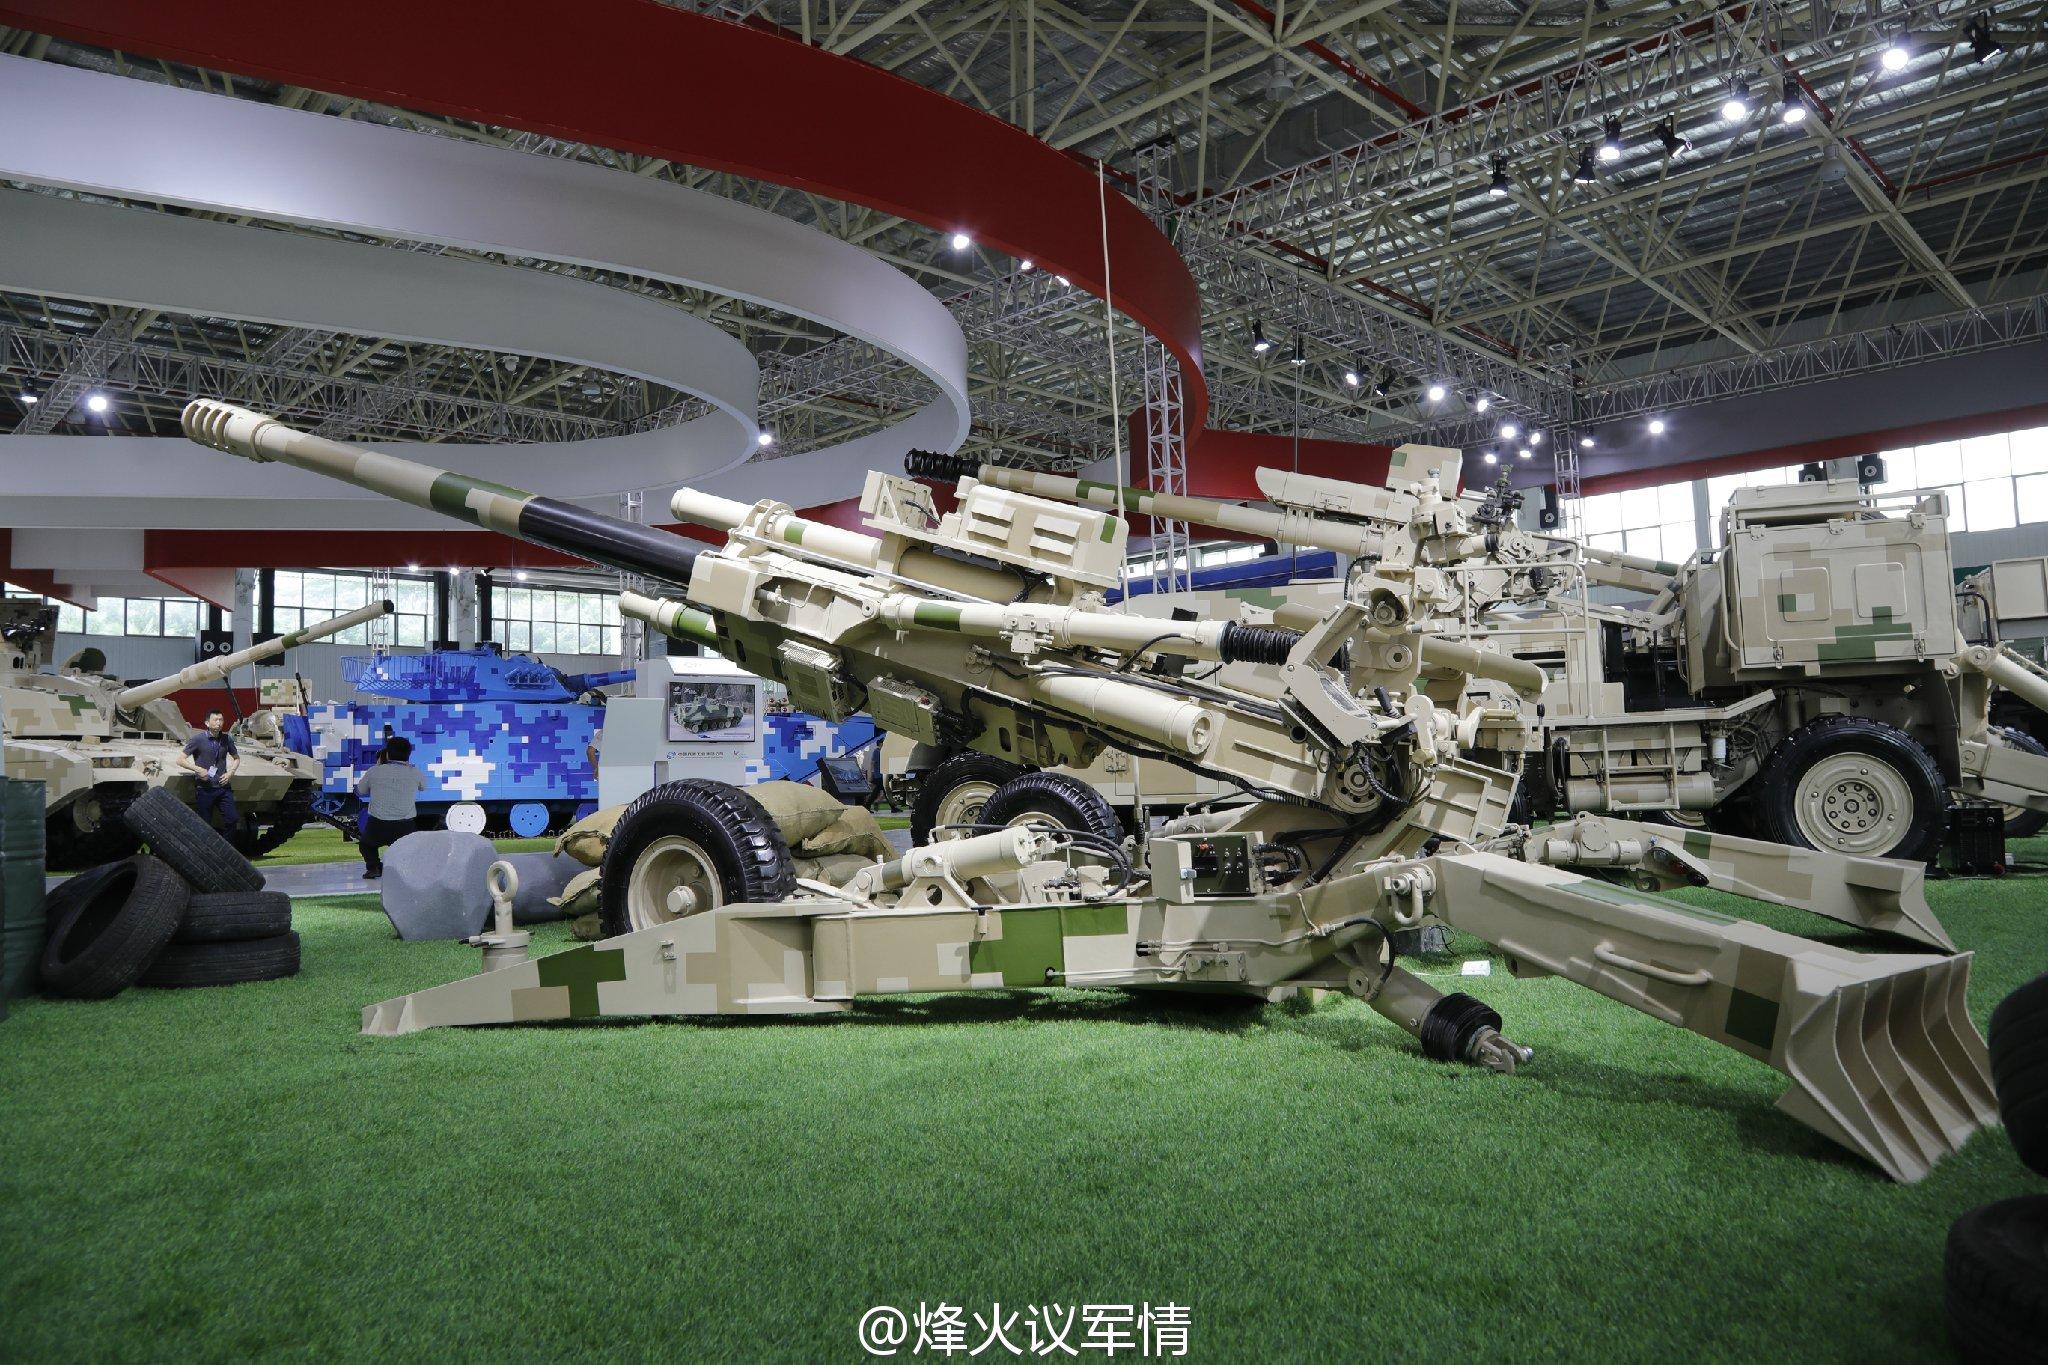 [Information] Exportation des Armements Chinois - Page 9 2016-11-02-Airshow-China-2016-le-paradis-des-parachutistes-23